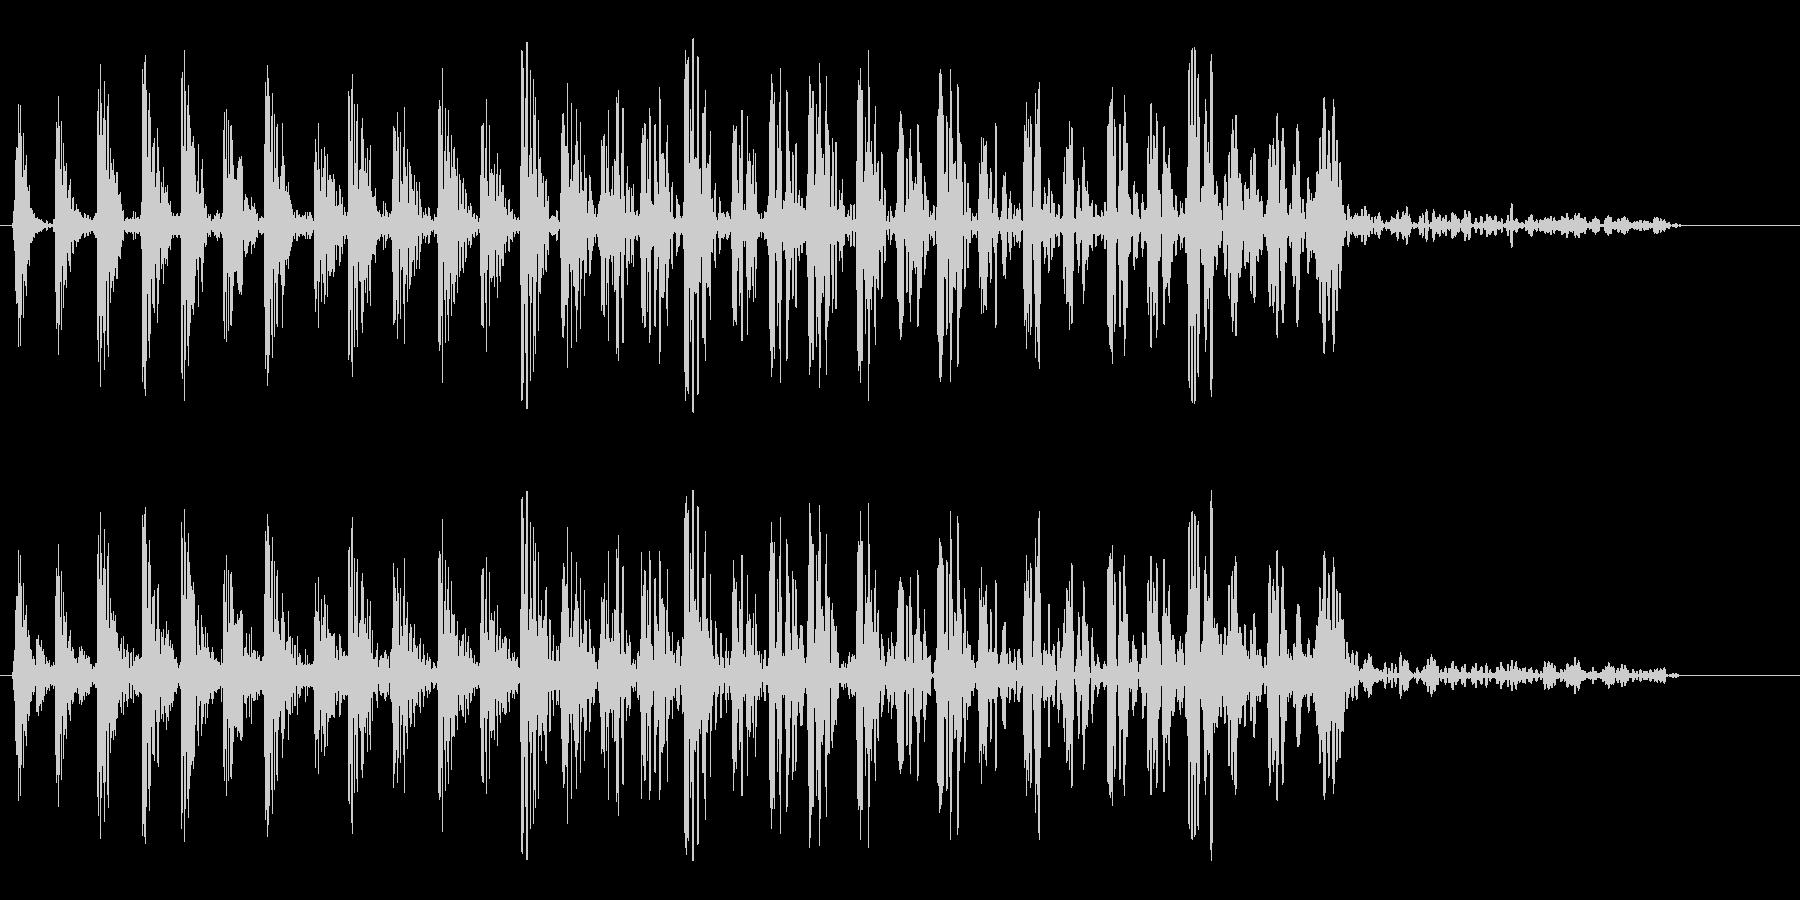 シャララ系ダウン(キュルル)の未再生の波形